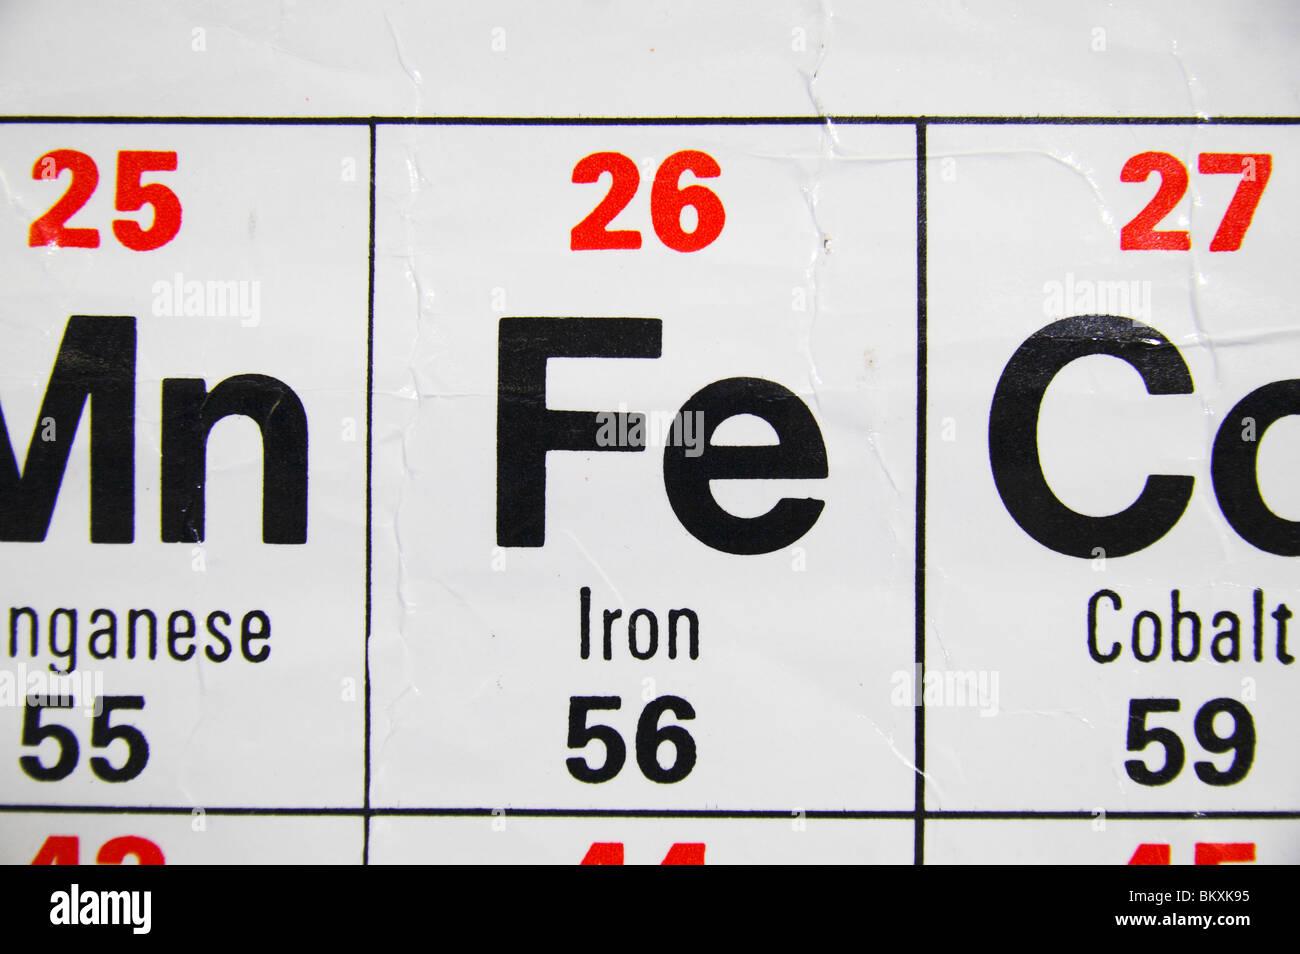 tabla periodica metales no ferrosos choice image periodic table tabla periodica metales no ferrosos choice image - Tabla Periodica Metales No Ferrosos